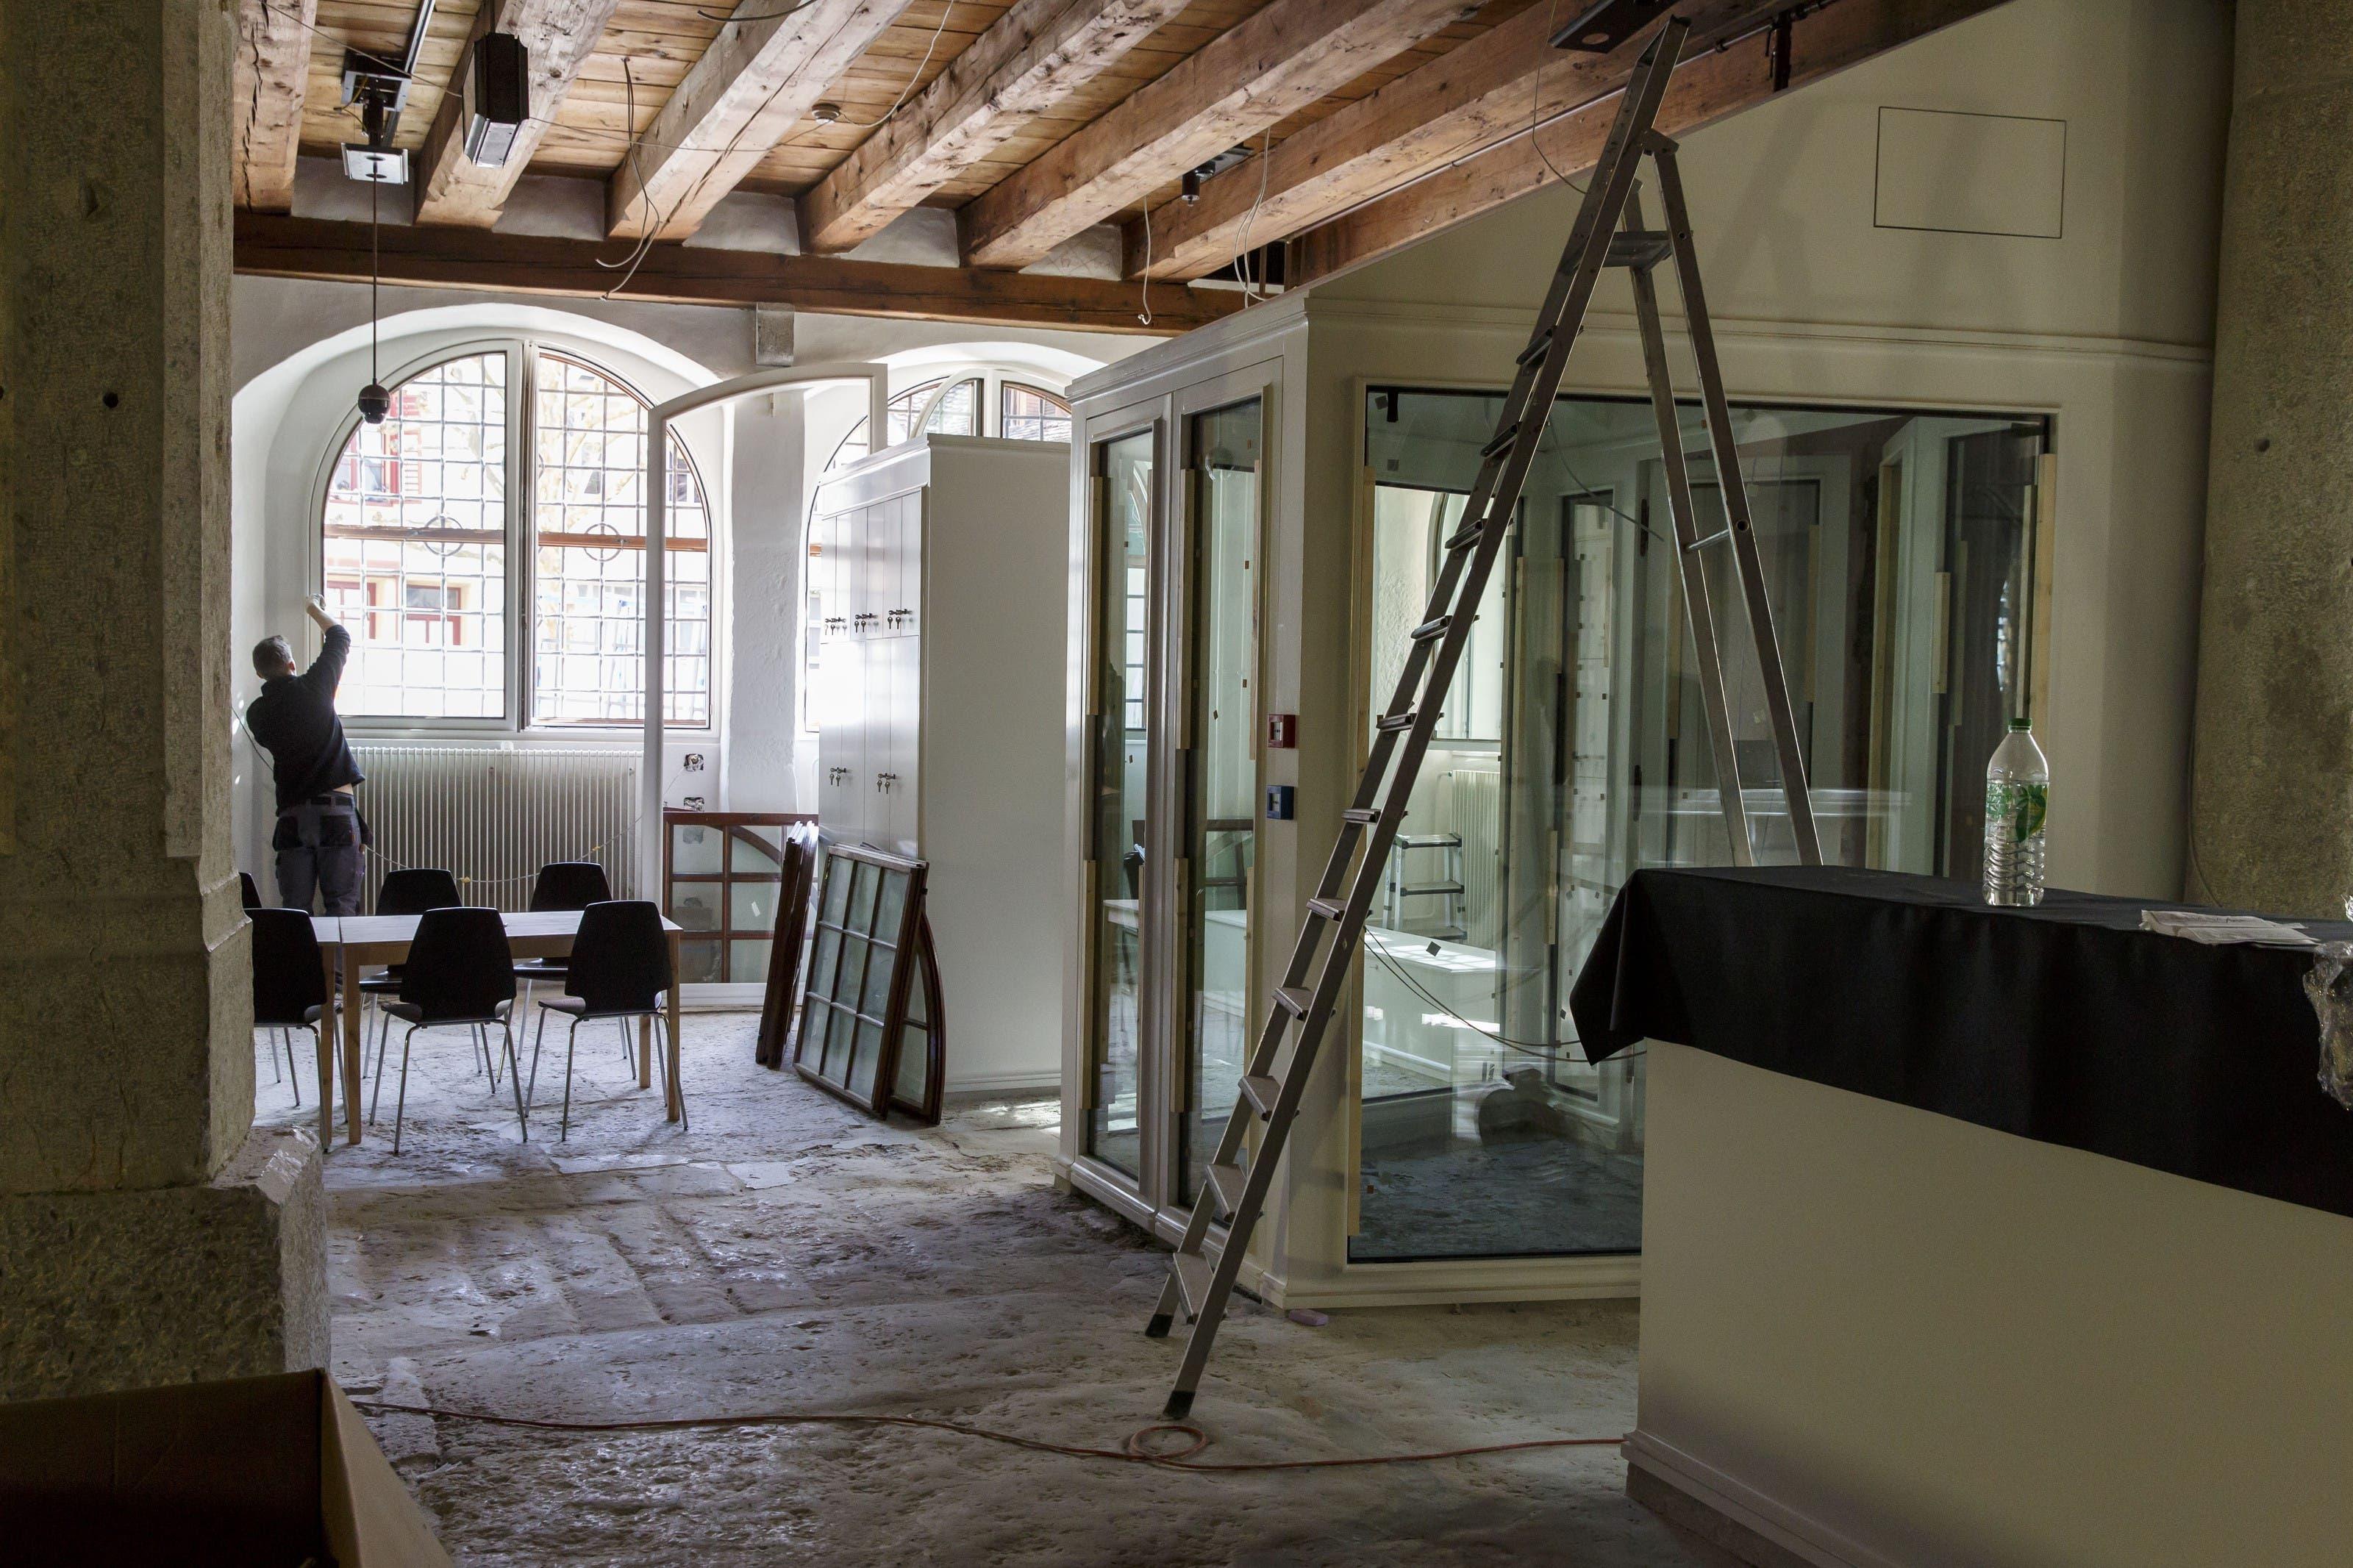 Elegante Modernität sollen diese ausdrücken – so haben es Edelmann, Krell Architekten GmbH, in ihrem Innenausstattungskonzept vorgesehen.